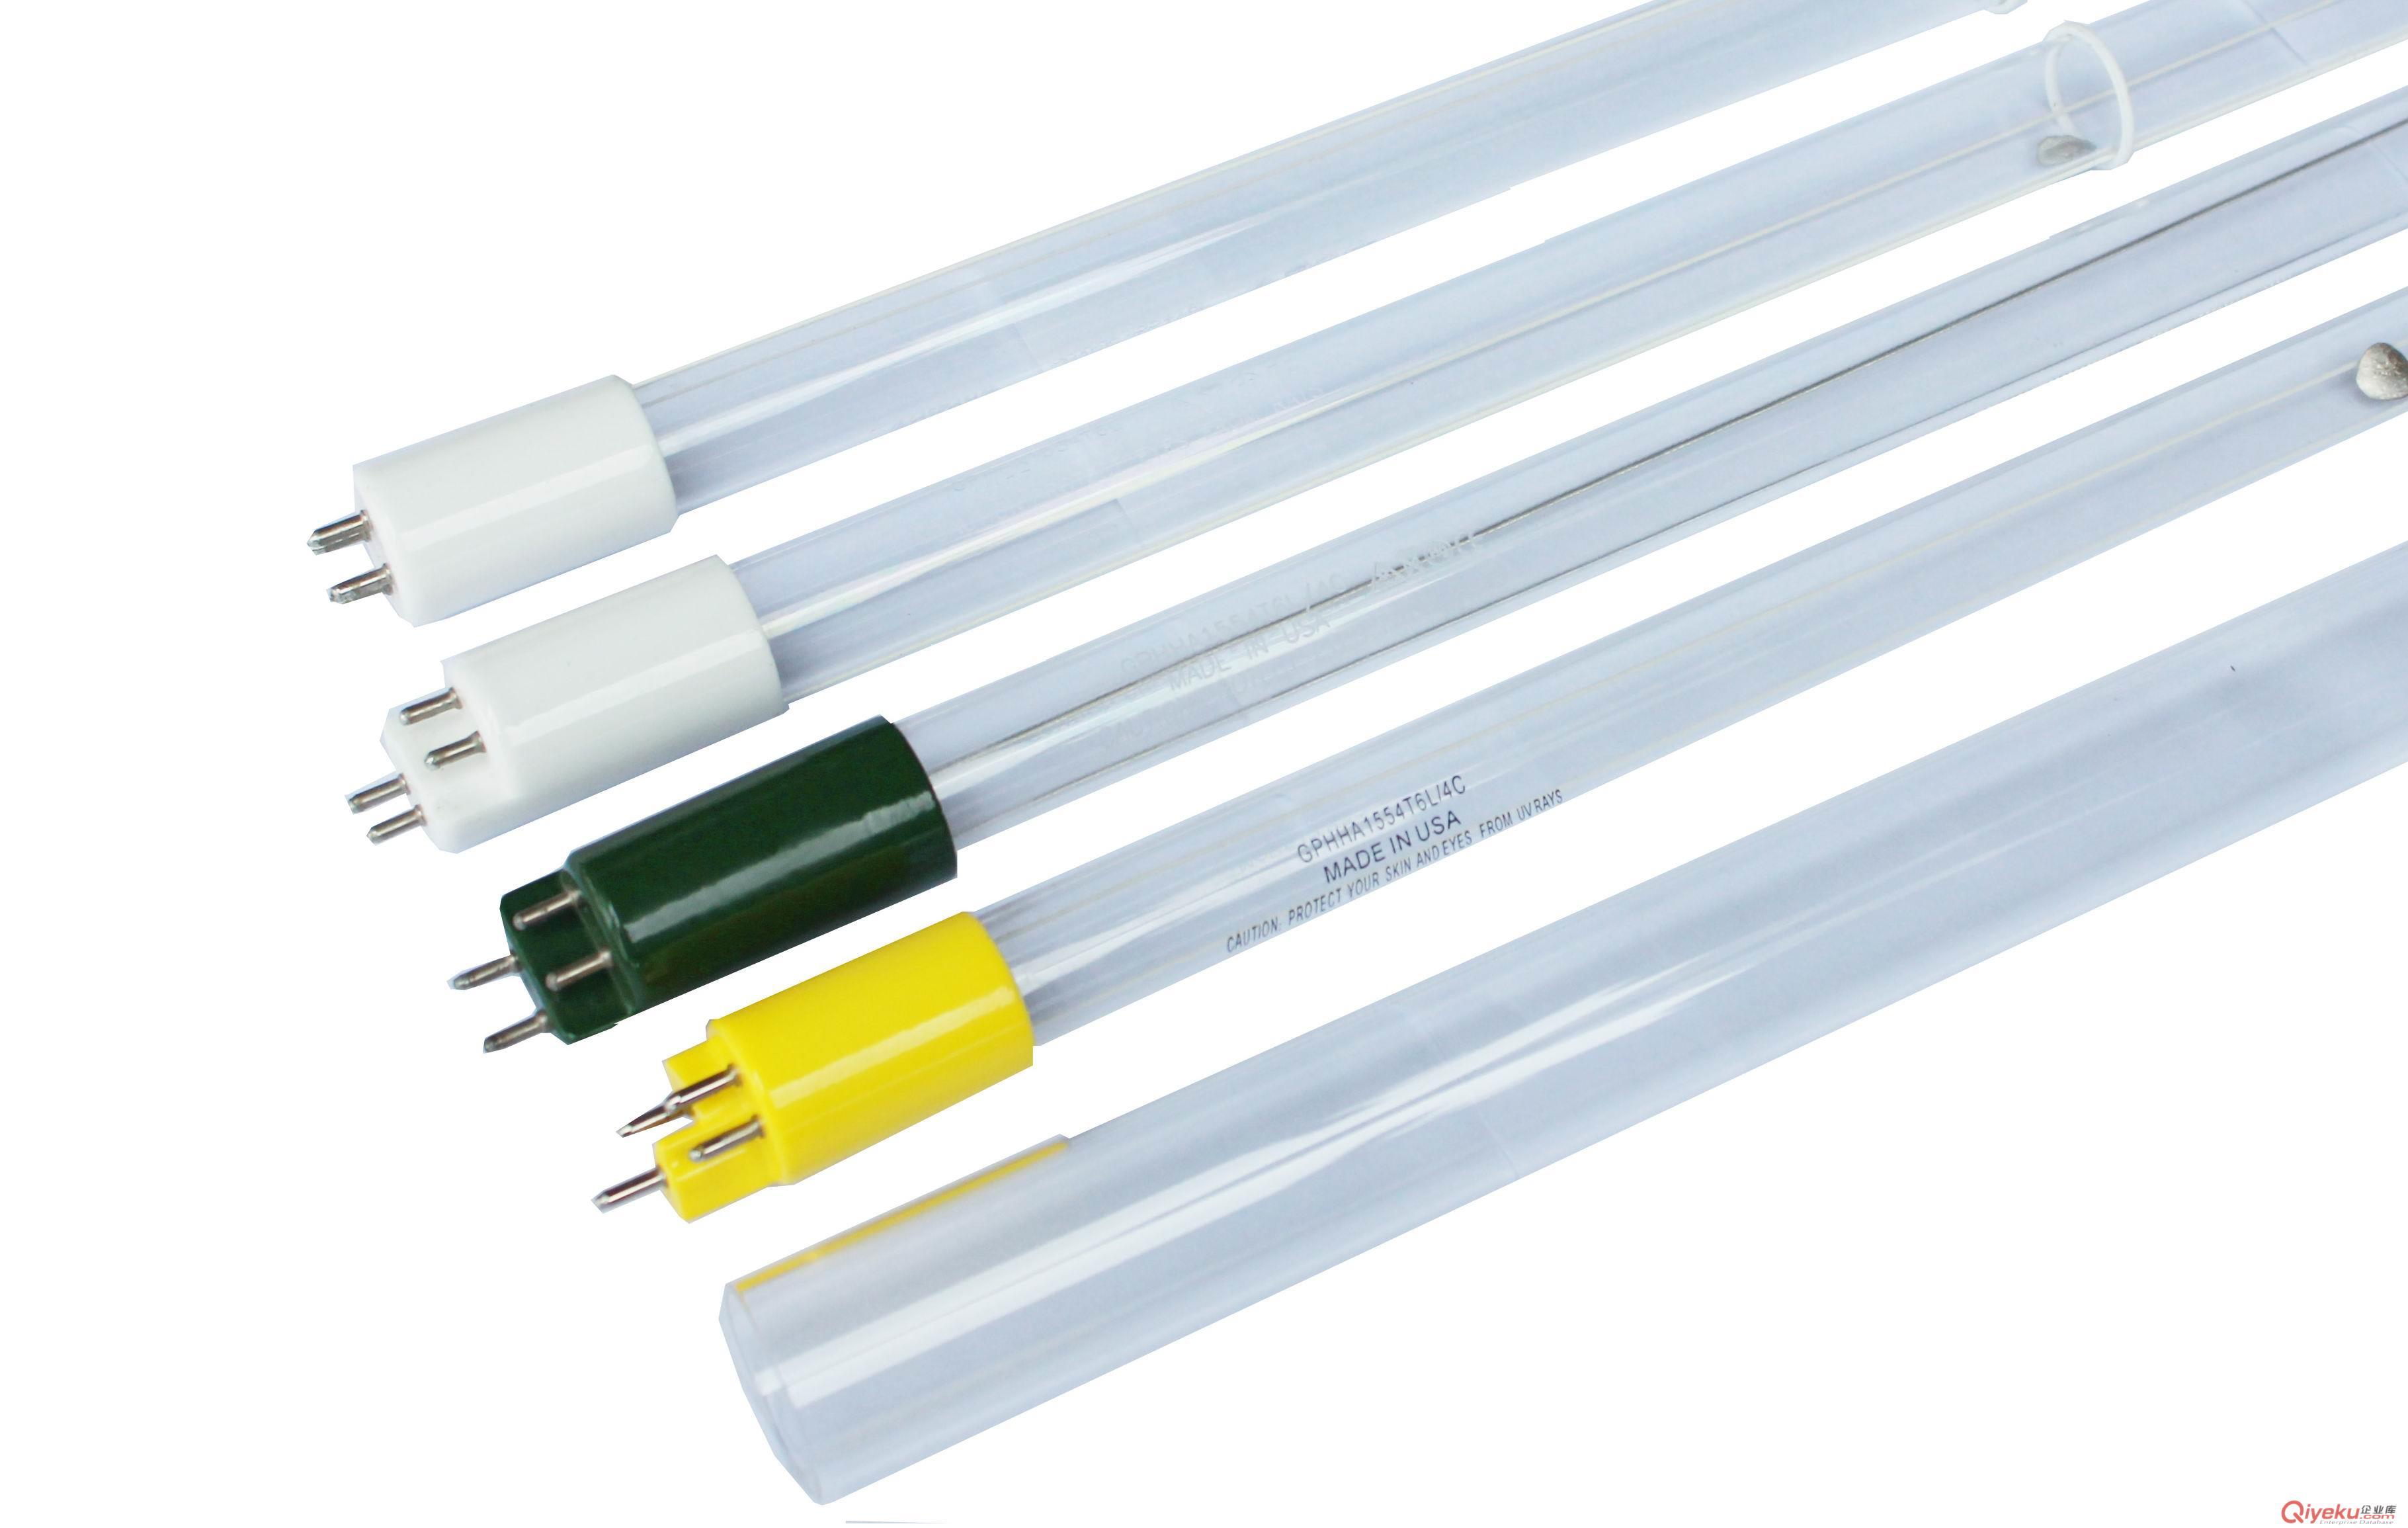 紫外线灯管图片|紫外线灯管产品图片由广州奥恒电子